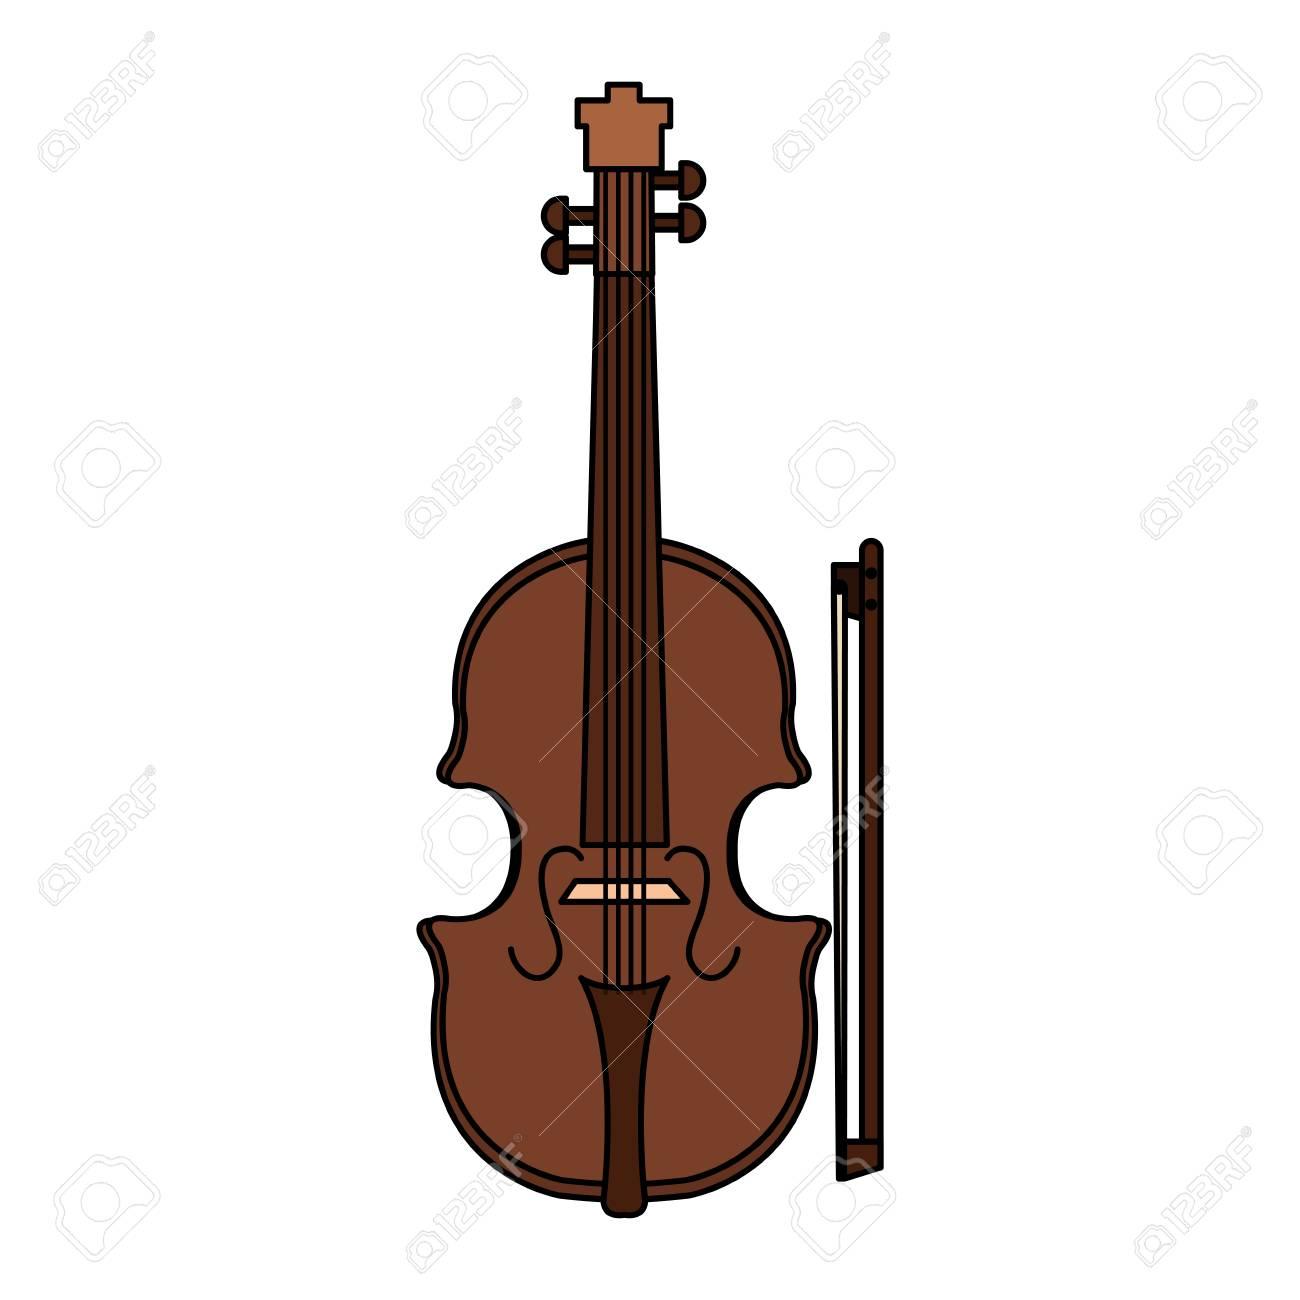 Classic Cello Instrument Icon Vector Illustration Design